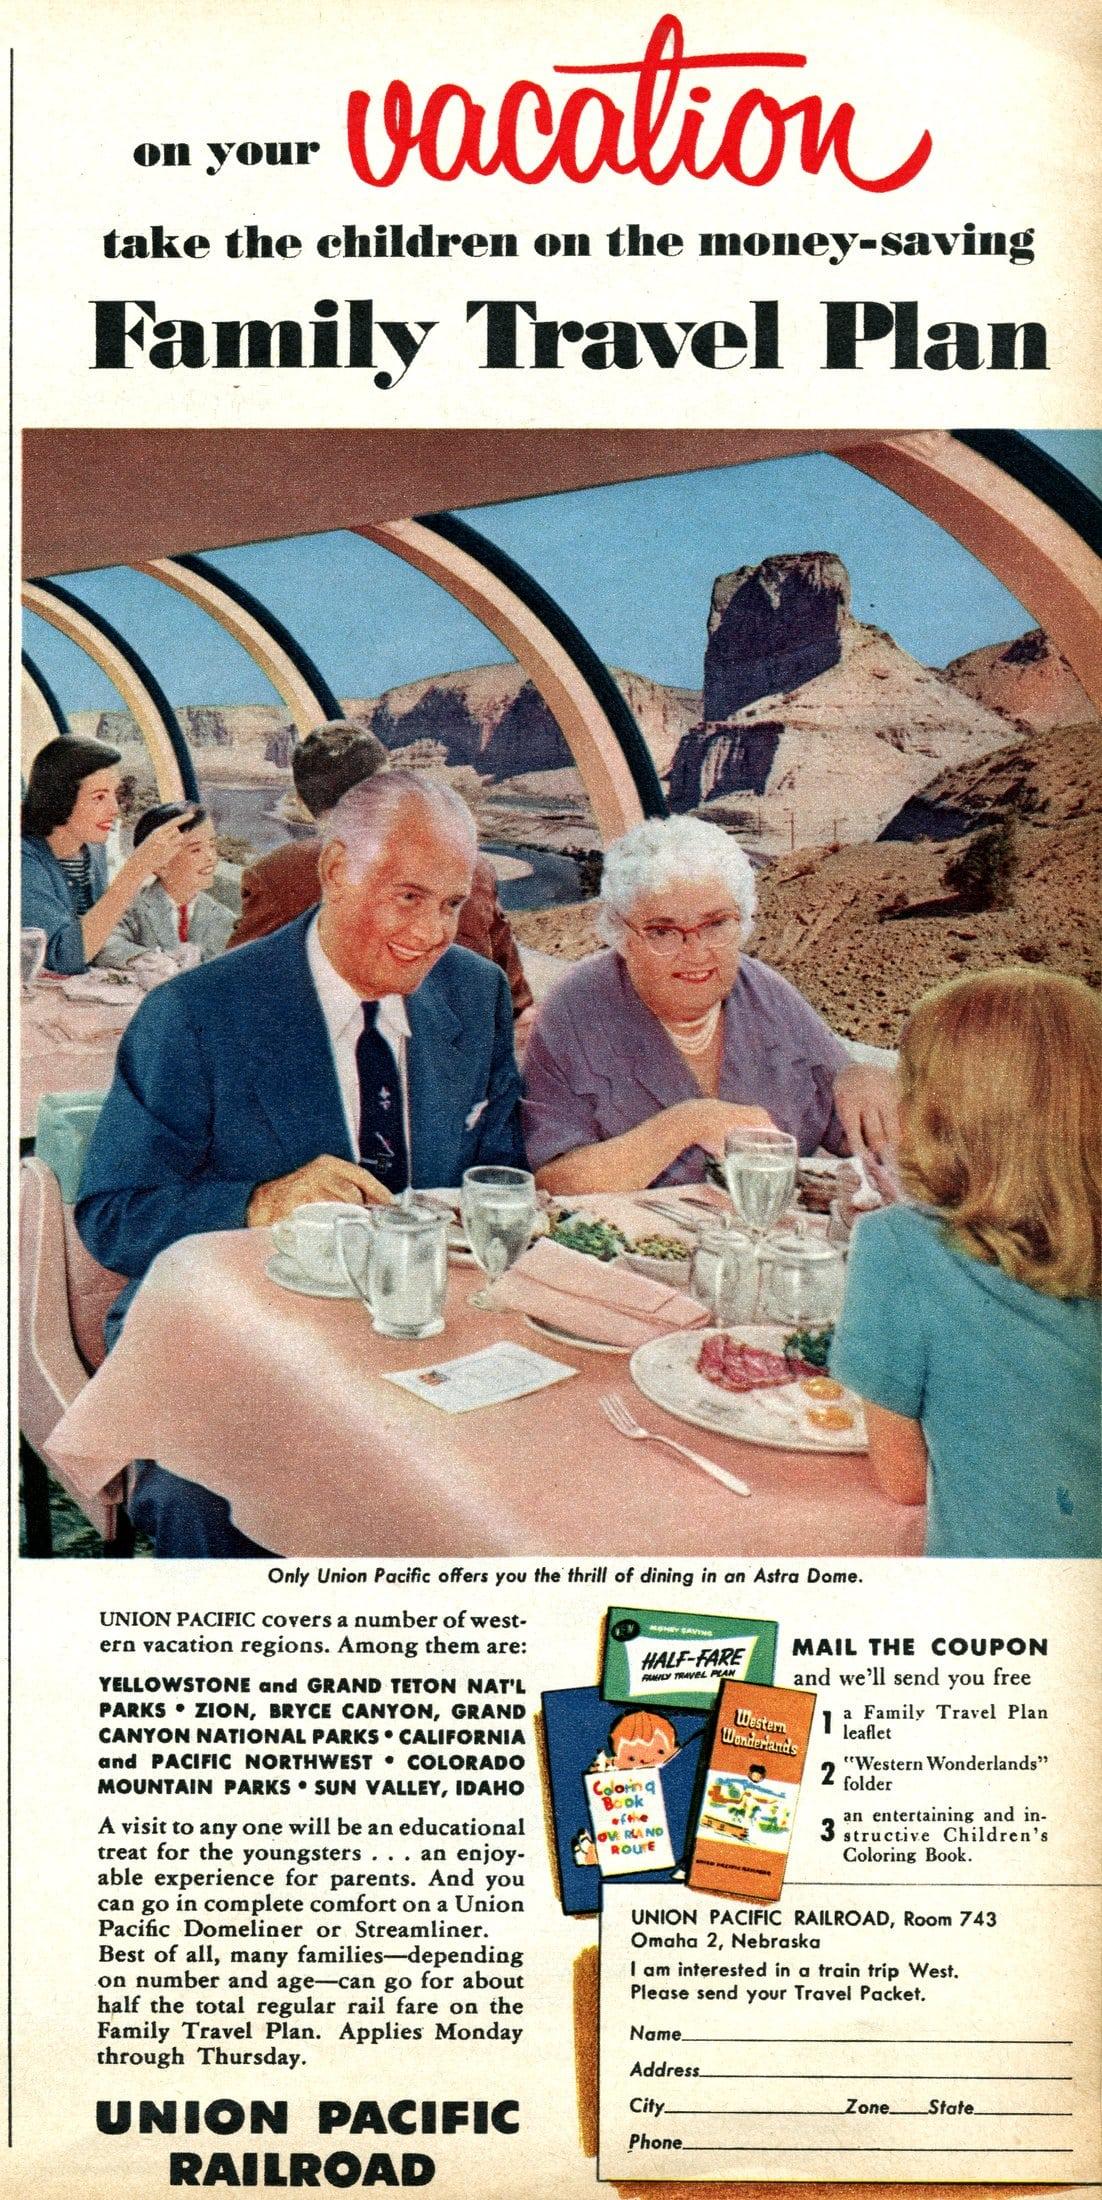 Union Pacific railroad travel (1956)